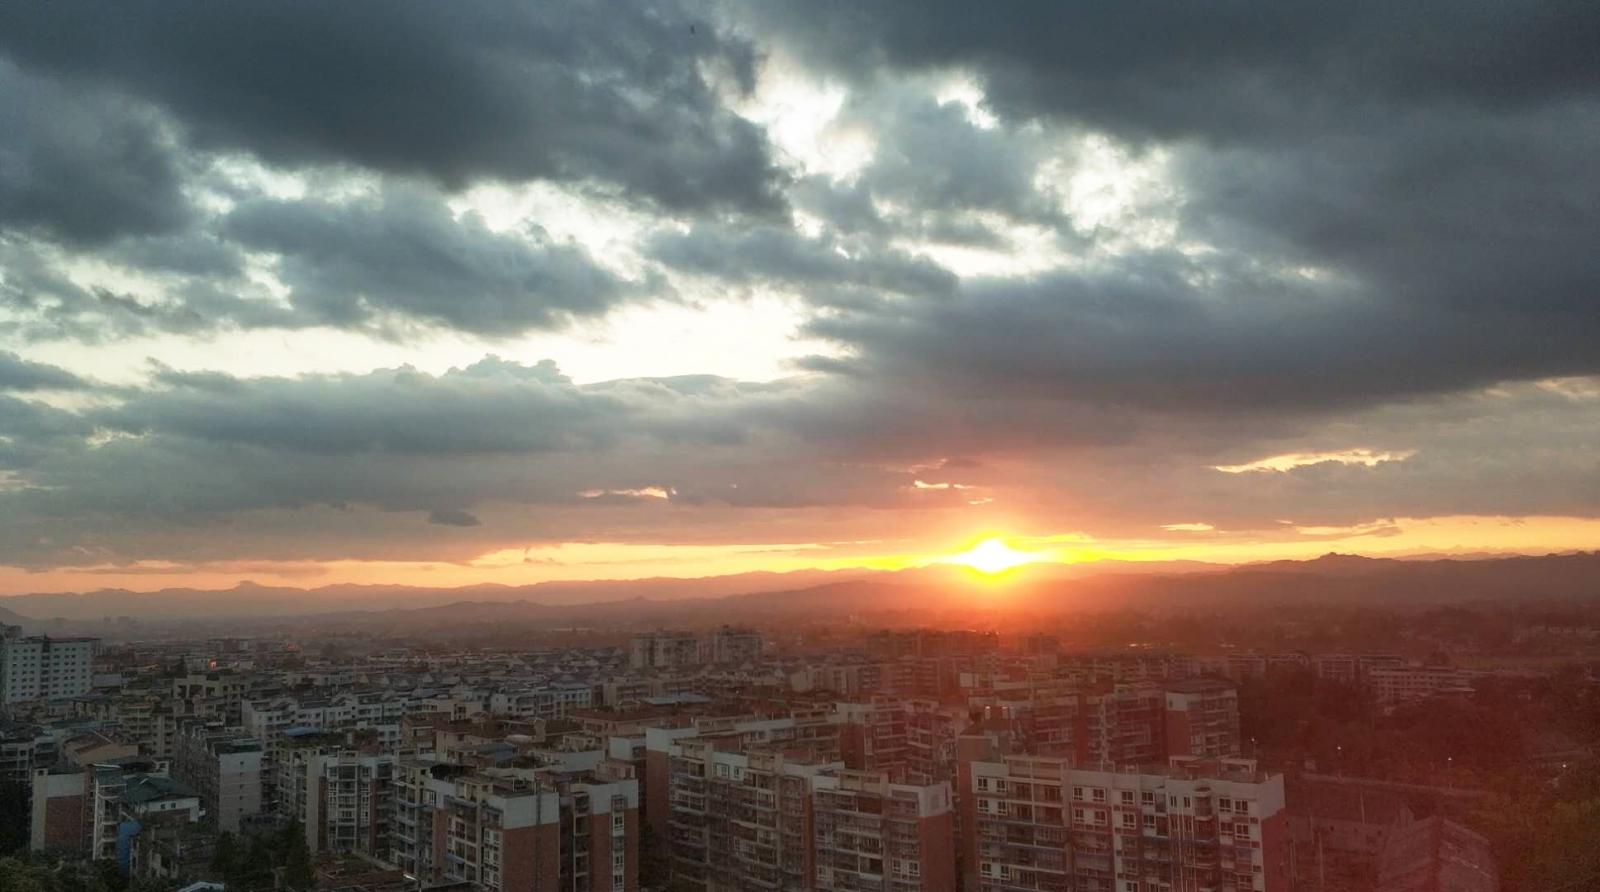 夕阳镇景.jpg